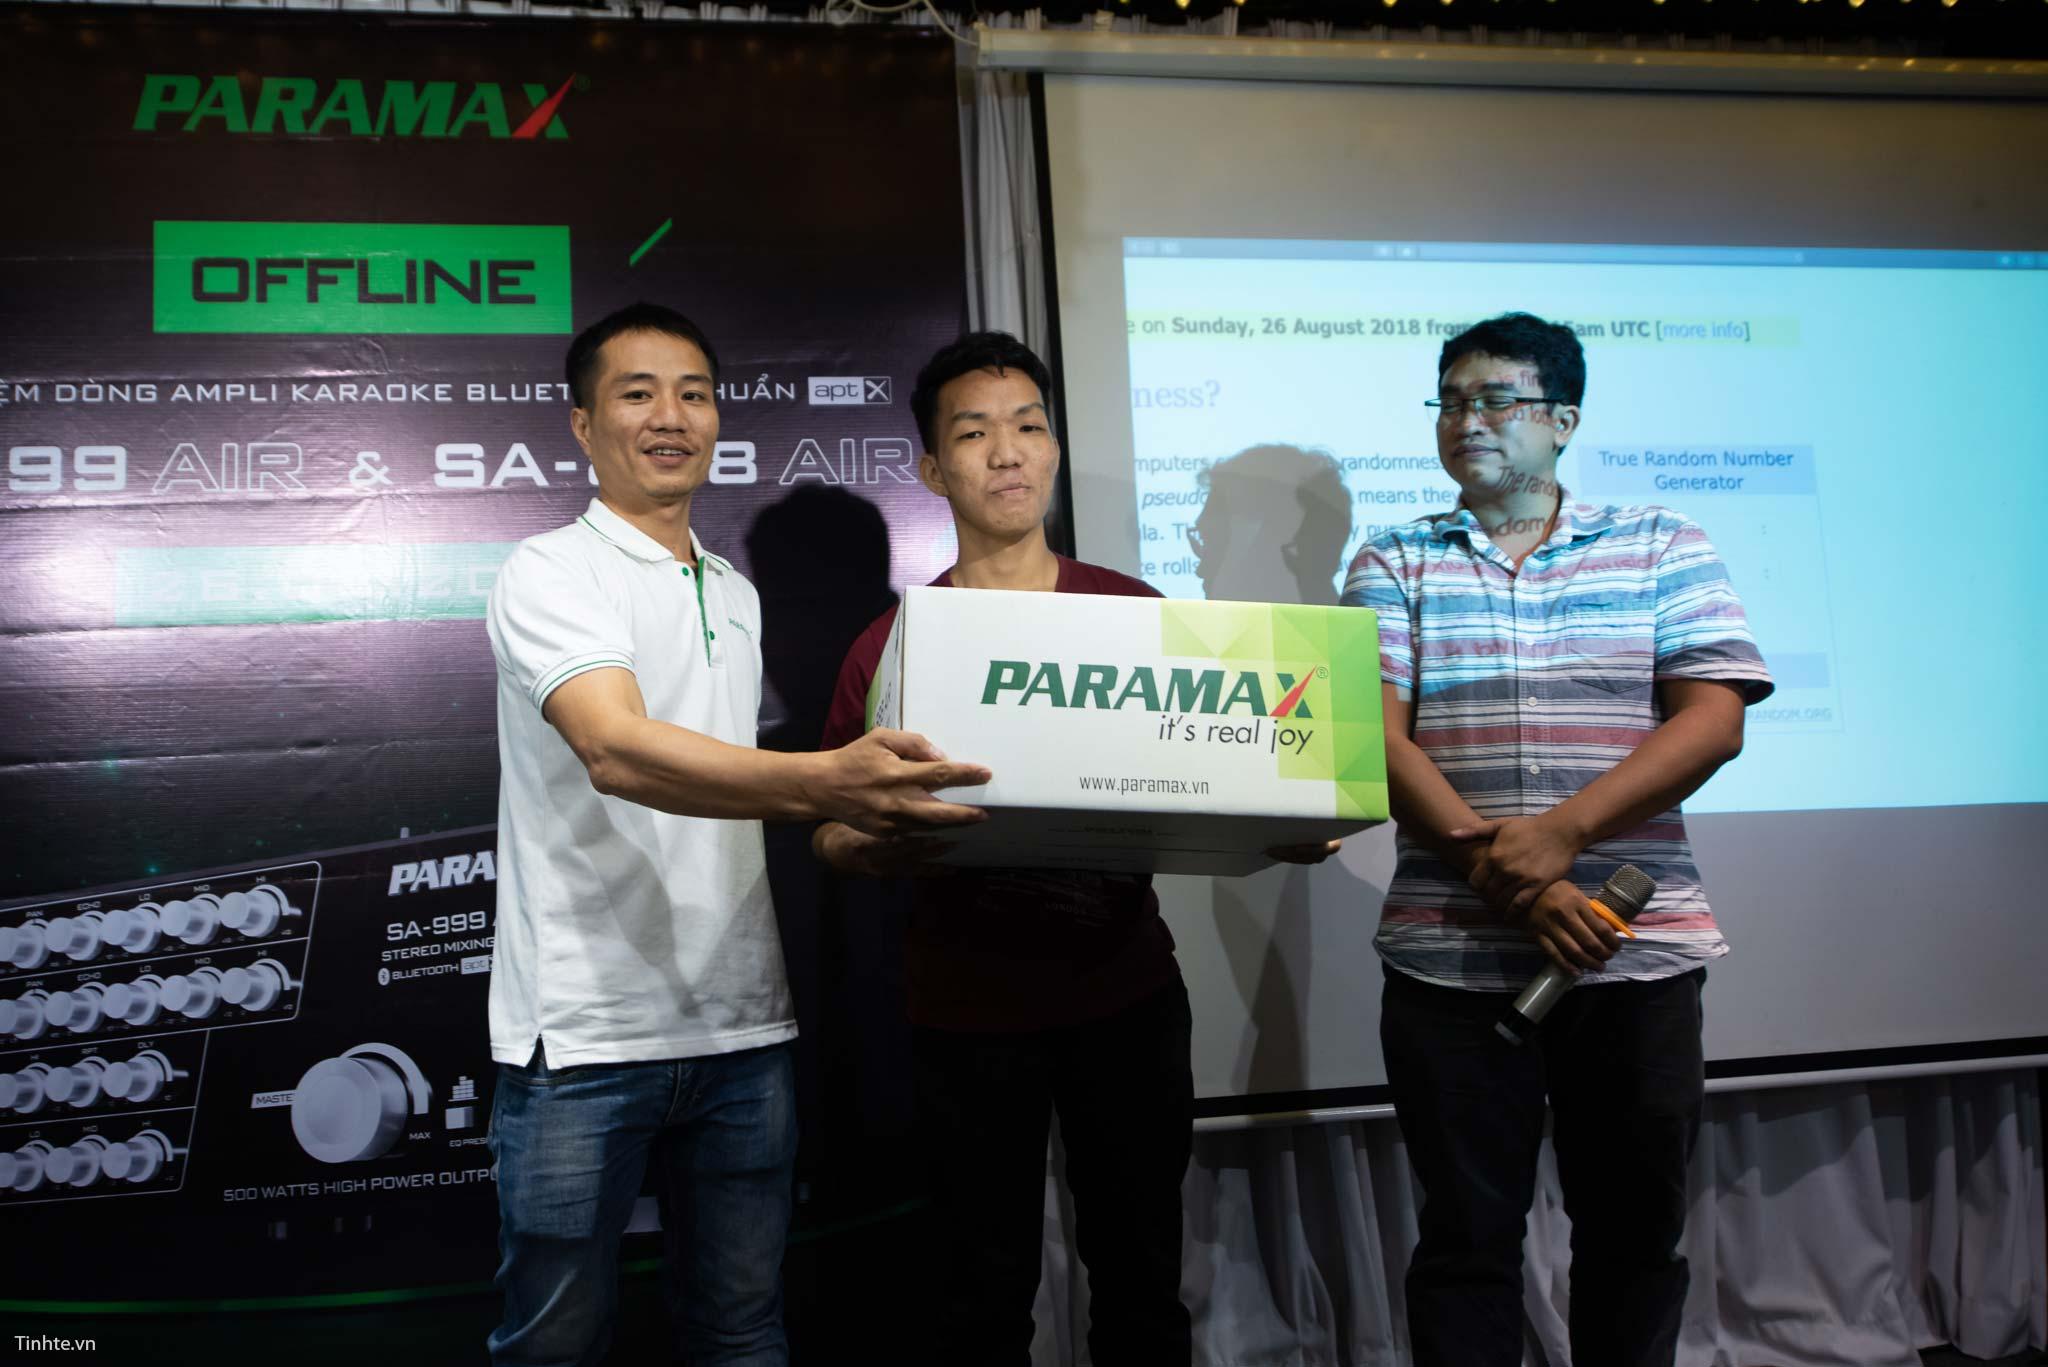 offline_paramax_Tinhte_14.jpg